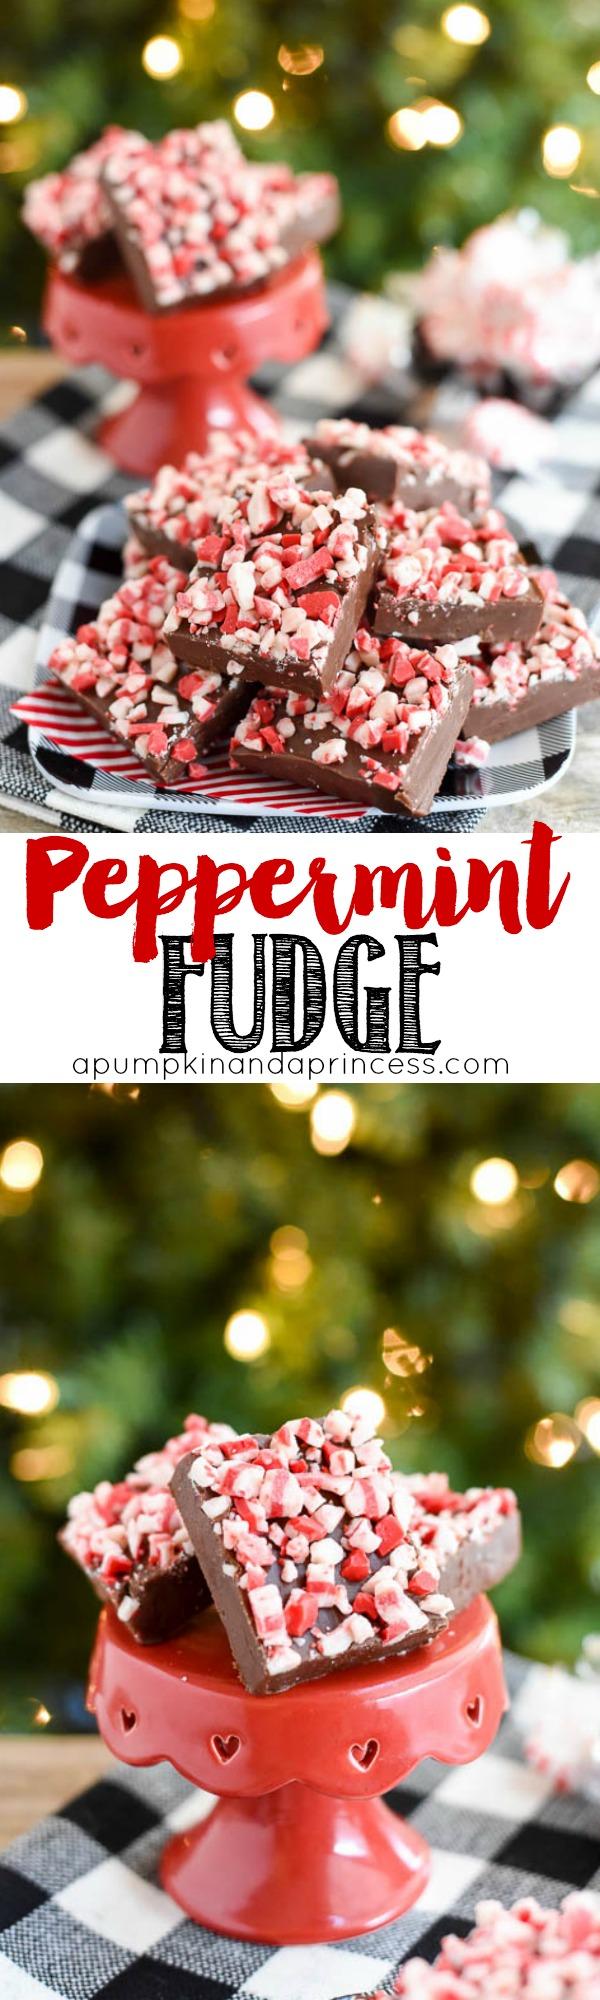 Peppermint Fudge Recipe - easy 5-ingredient peppermint fudge recipe.